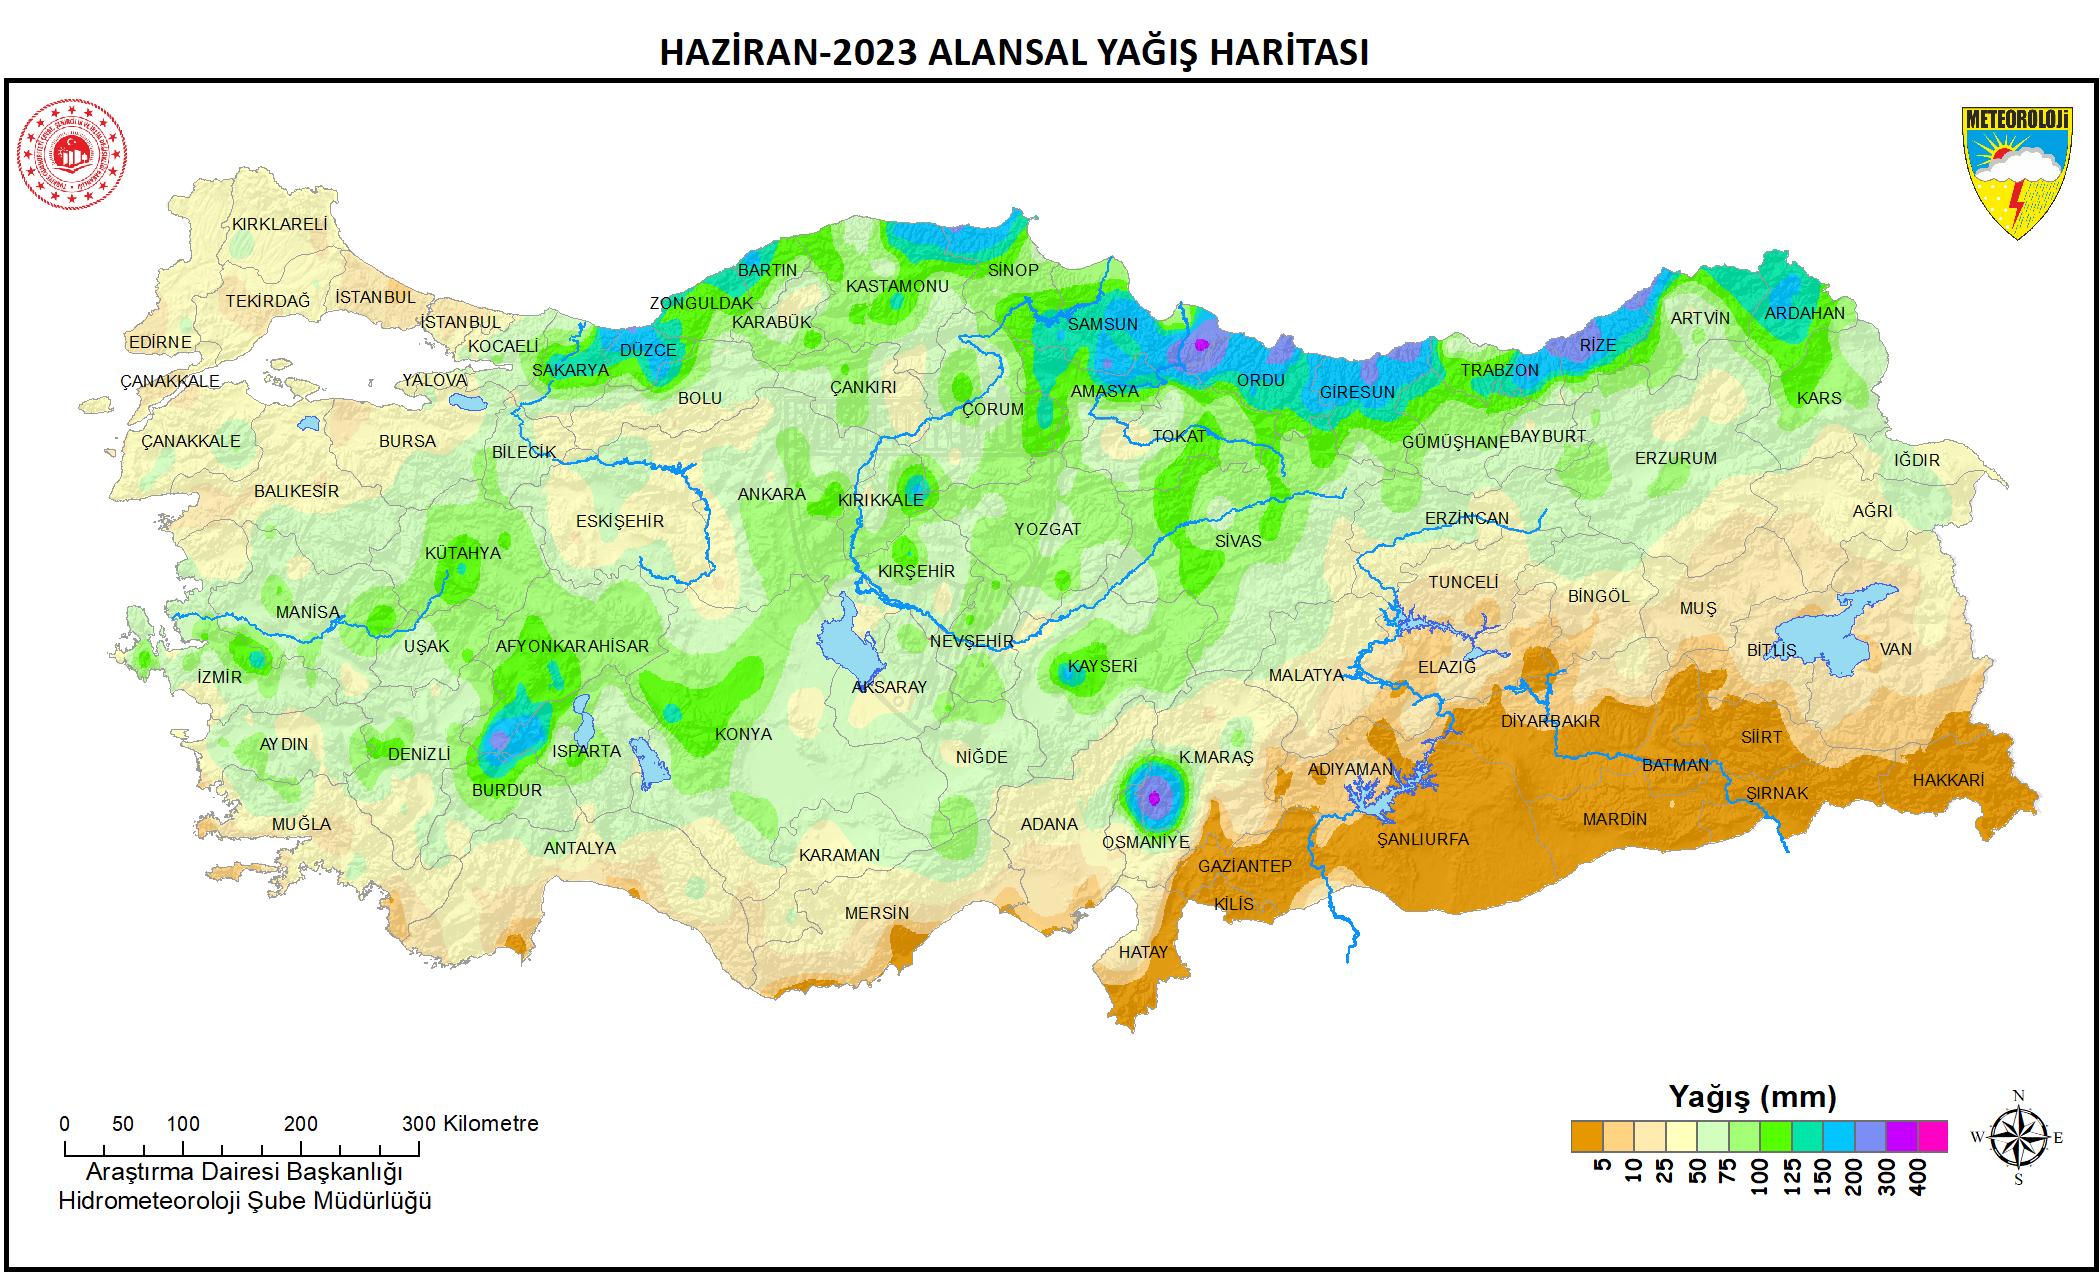 Türkiye, Geçen Yıl ile Karşılaştırma